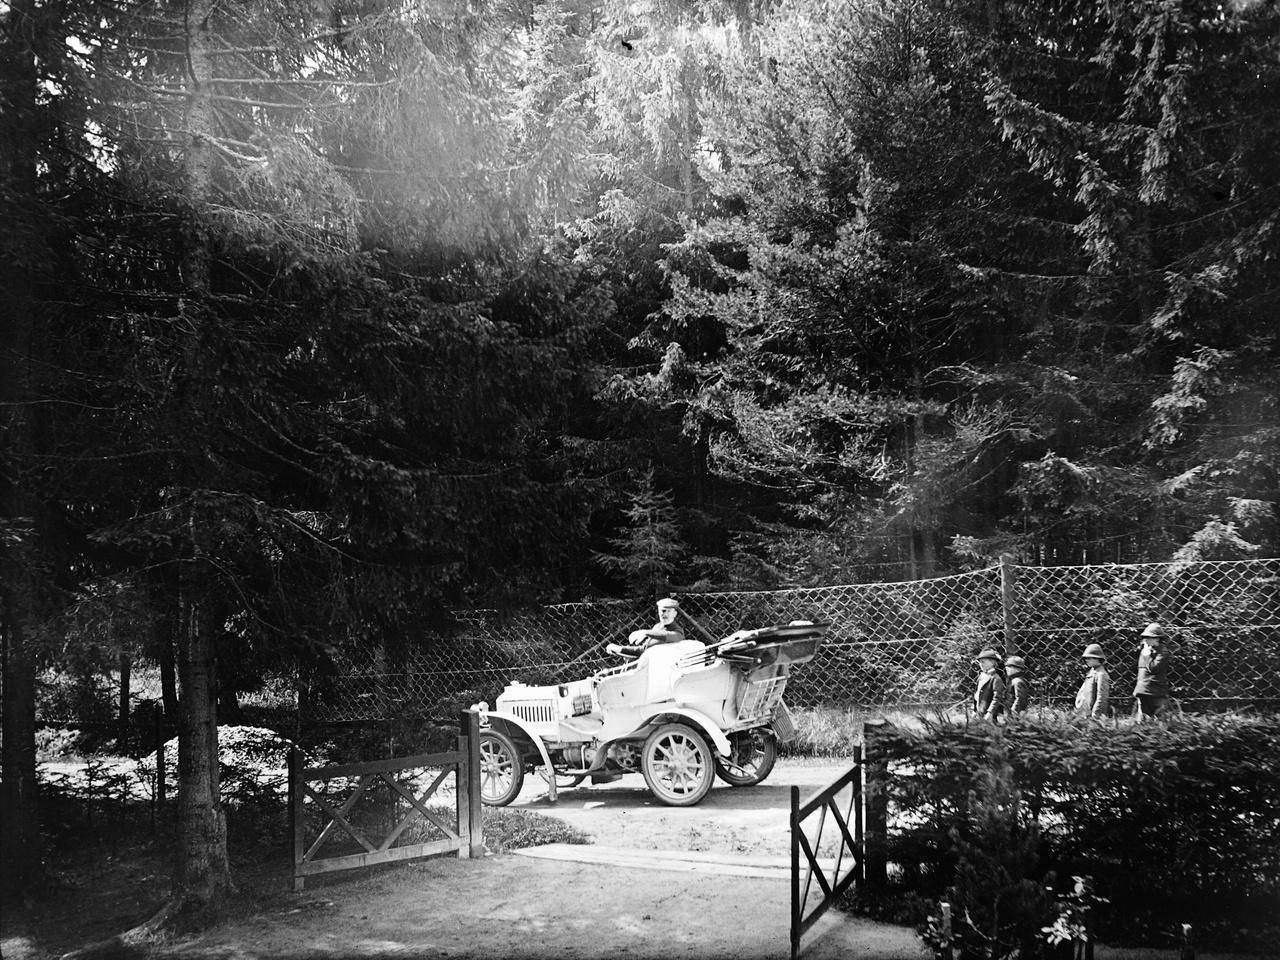 KÉP: Gróf Zichy Béla Rezső Mercedes típusú személygépkocsija, 1905.Az 1800-as évek végén sokan kísérleteztek olyan járművekkel, amelyek önerőből, állati vontatás nélkül is képesek voltak helyváltoztatásra. 1886. január 29-én kapta meg Otto-motorral hajtott kocsijára az engedélyt  Karl Benz, így ezt a napot szokás az autózás születésnapjaként emlegetni. Hazánkban először Hatschek Béla optikus vásárolt motorkocsit 1895-ben, méghozzá egy másfél lóerős Benz Velót – a teljesítmény mai szemmel megmosolyogtatónak hat. Nem sokkal maradt le tőle a pezsgőgyáros Törley József sem, aki még ugyanabban az évben nemcsak személy-, hanem teherkocsit is vett. De ne gondoljuk, hogy villámgyorsan hódított az autózás: 1910-re mindössze tíz gépjármű futott a történelmi Magyarország útjain.